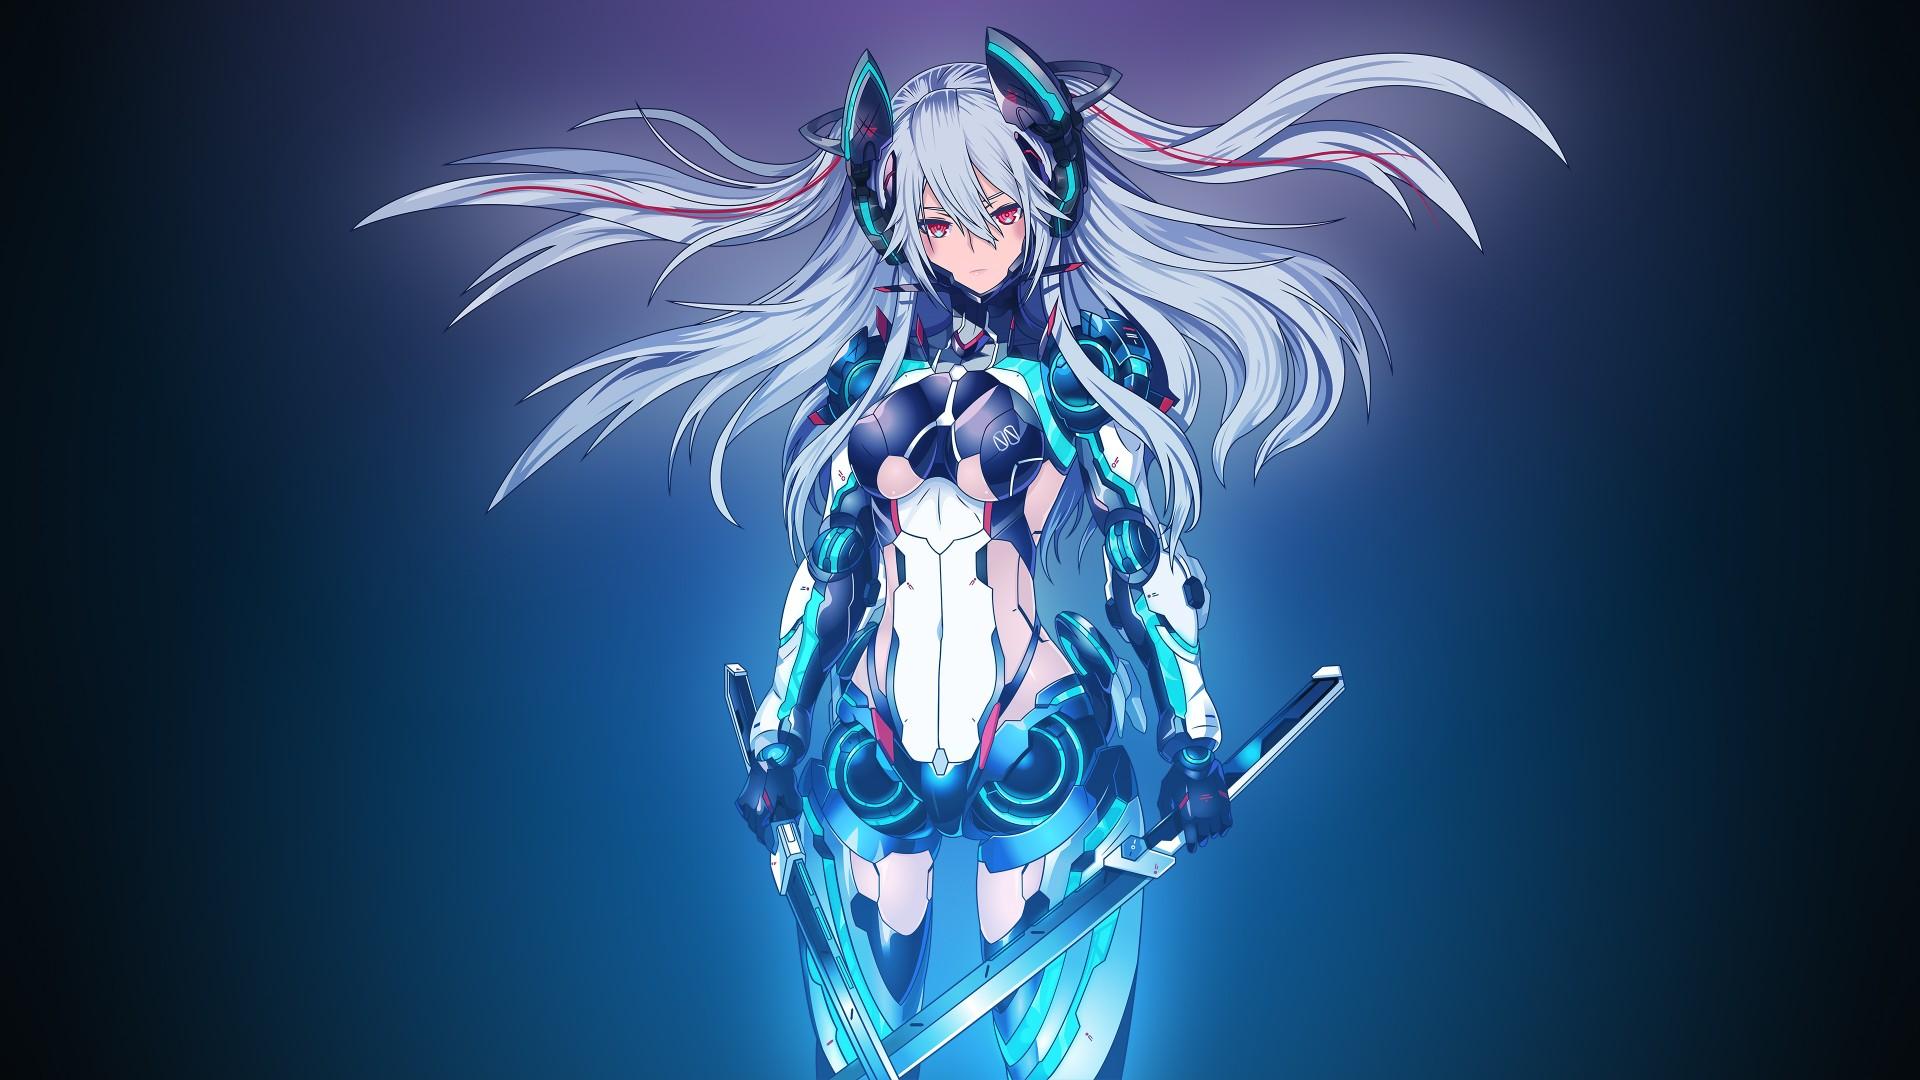 Wallpaper Anime Blue Sword Long Hair 1920x1080 Fichtner